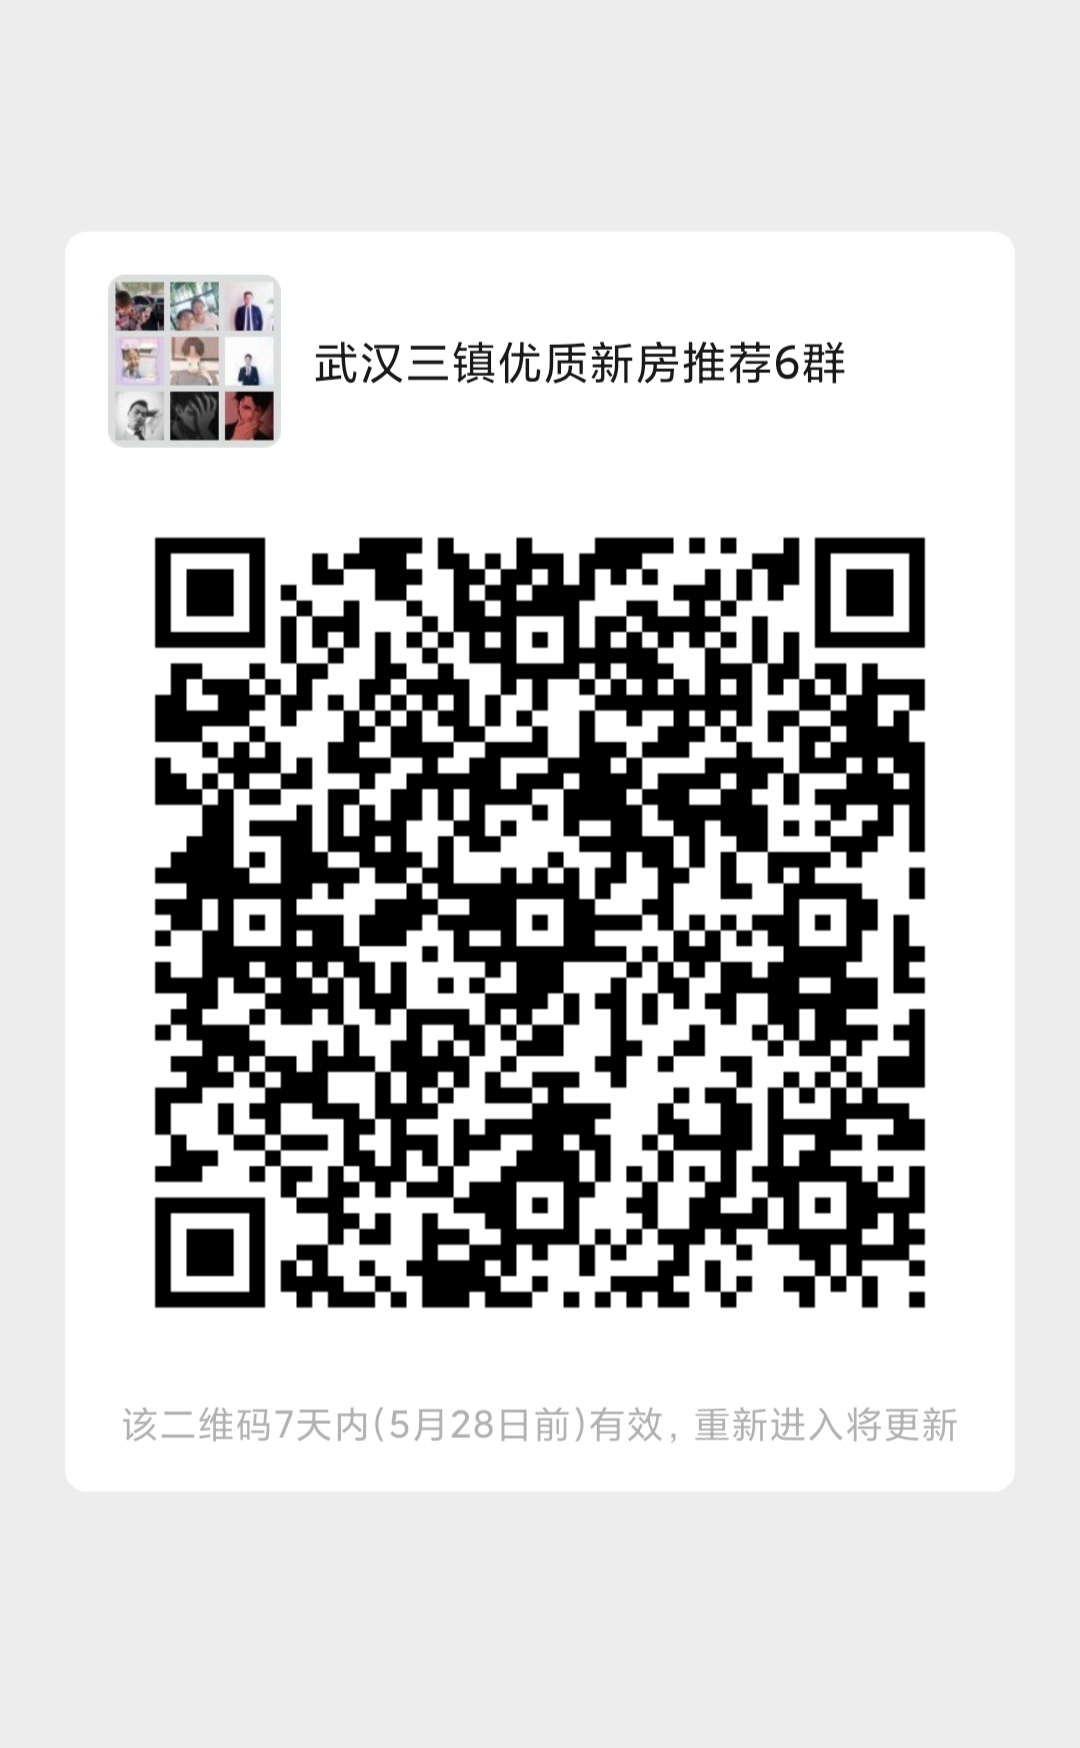 微信图片_20200521173805.jpg